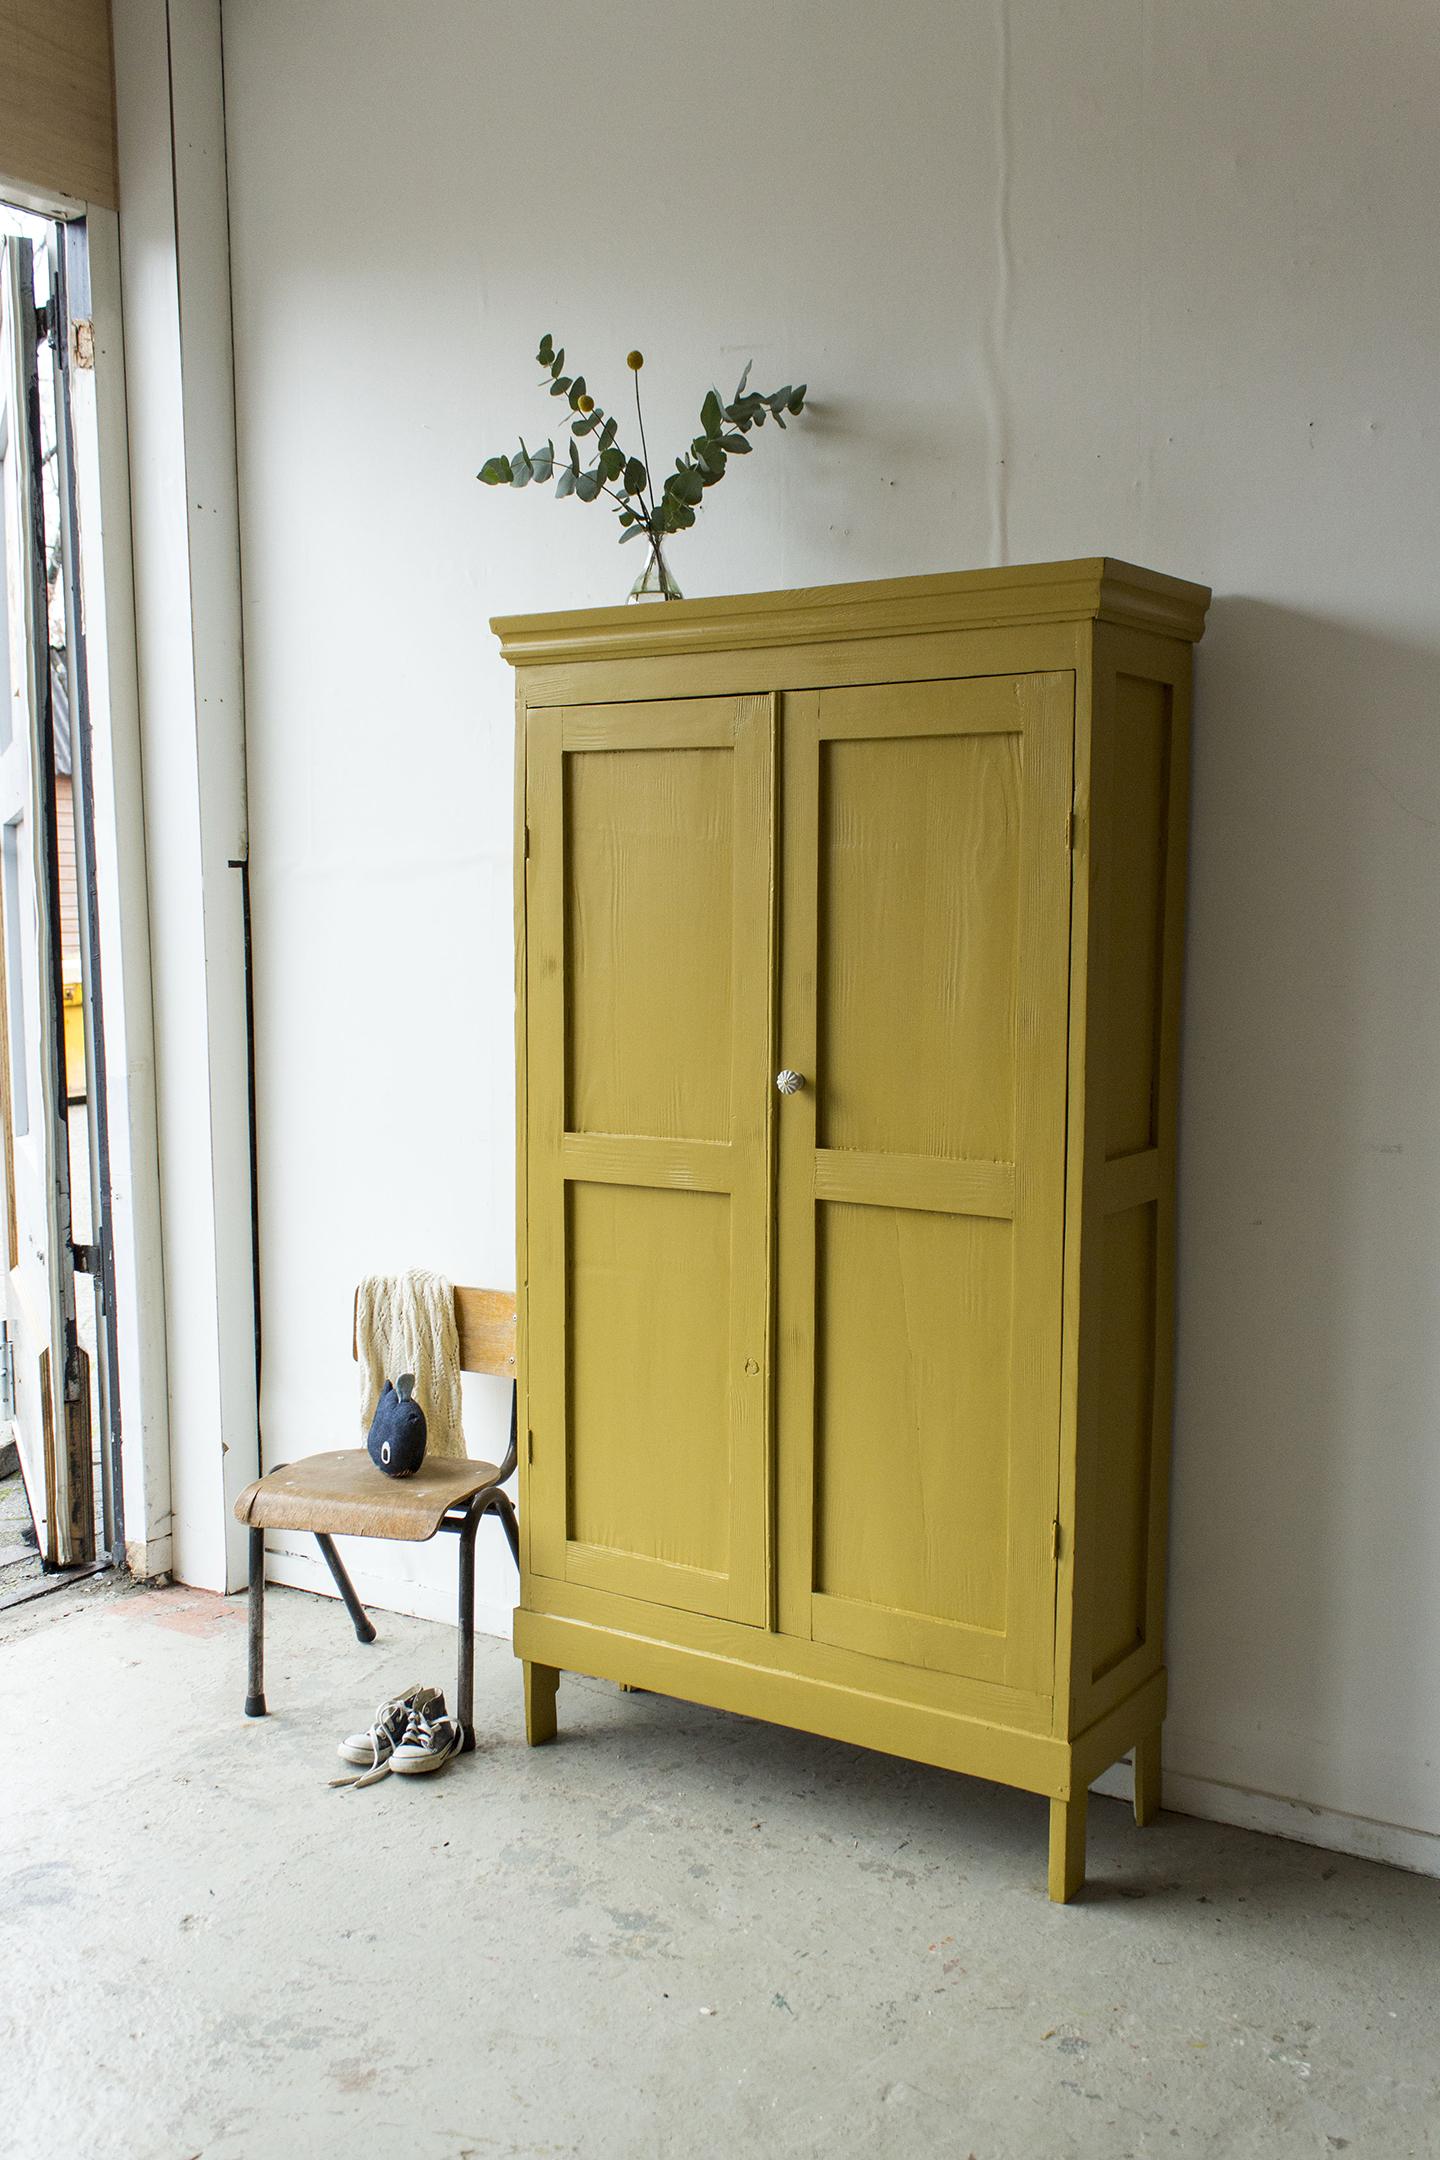 1446 - okergeel klein kledingkastje - Firma zoethout.jpg